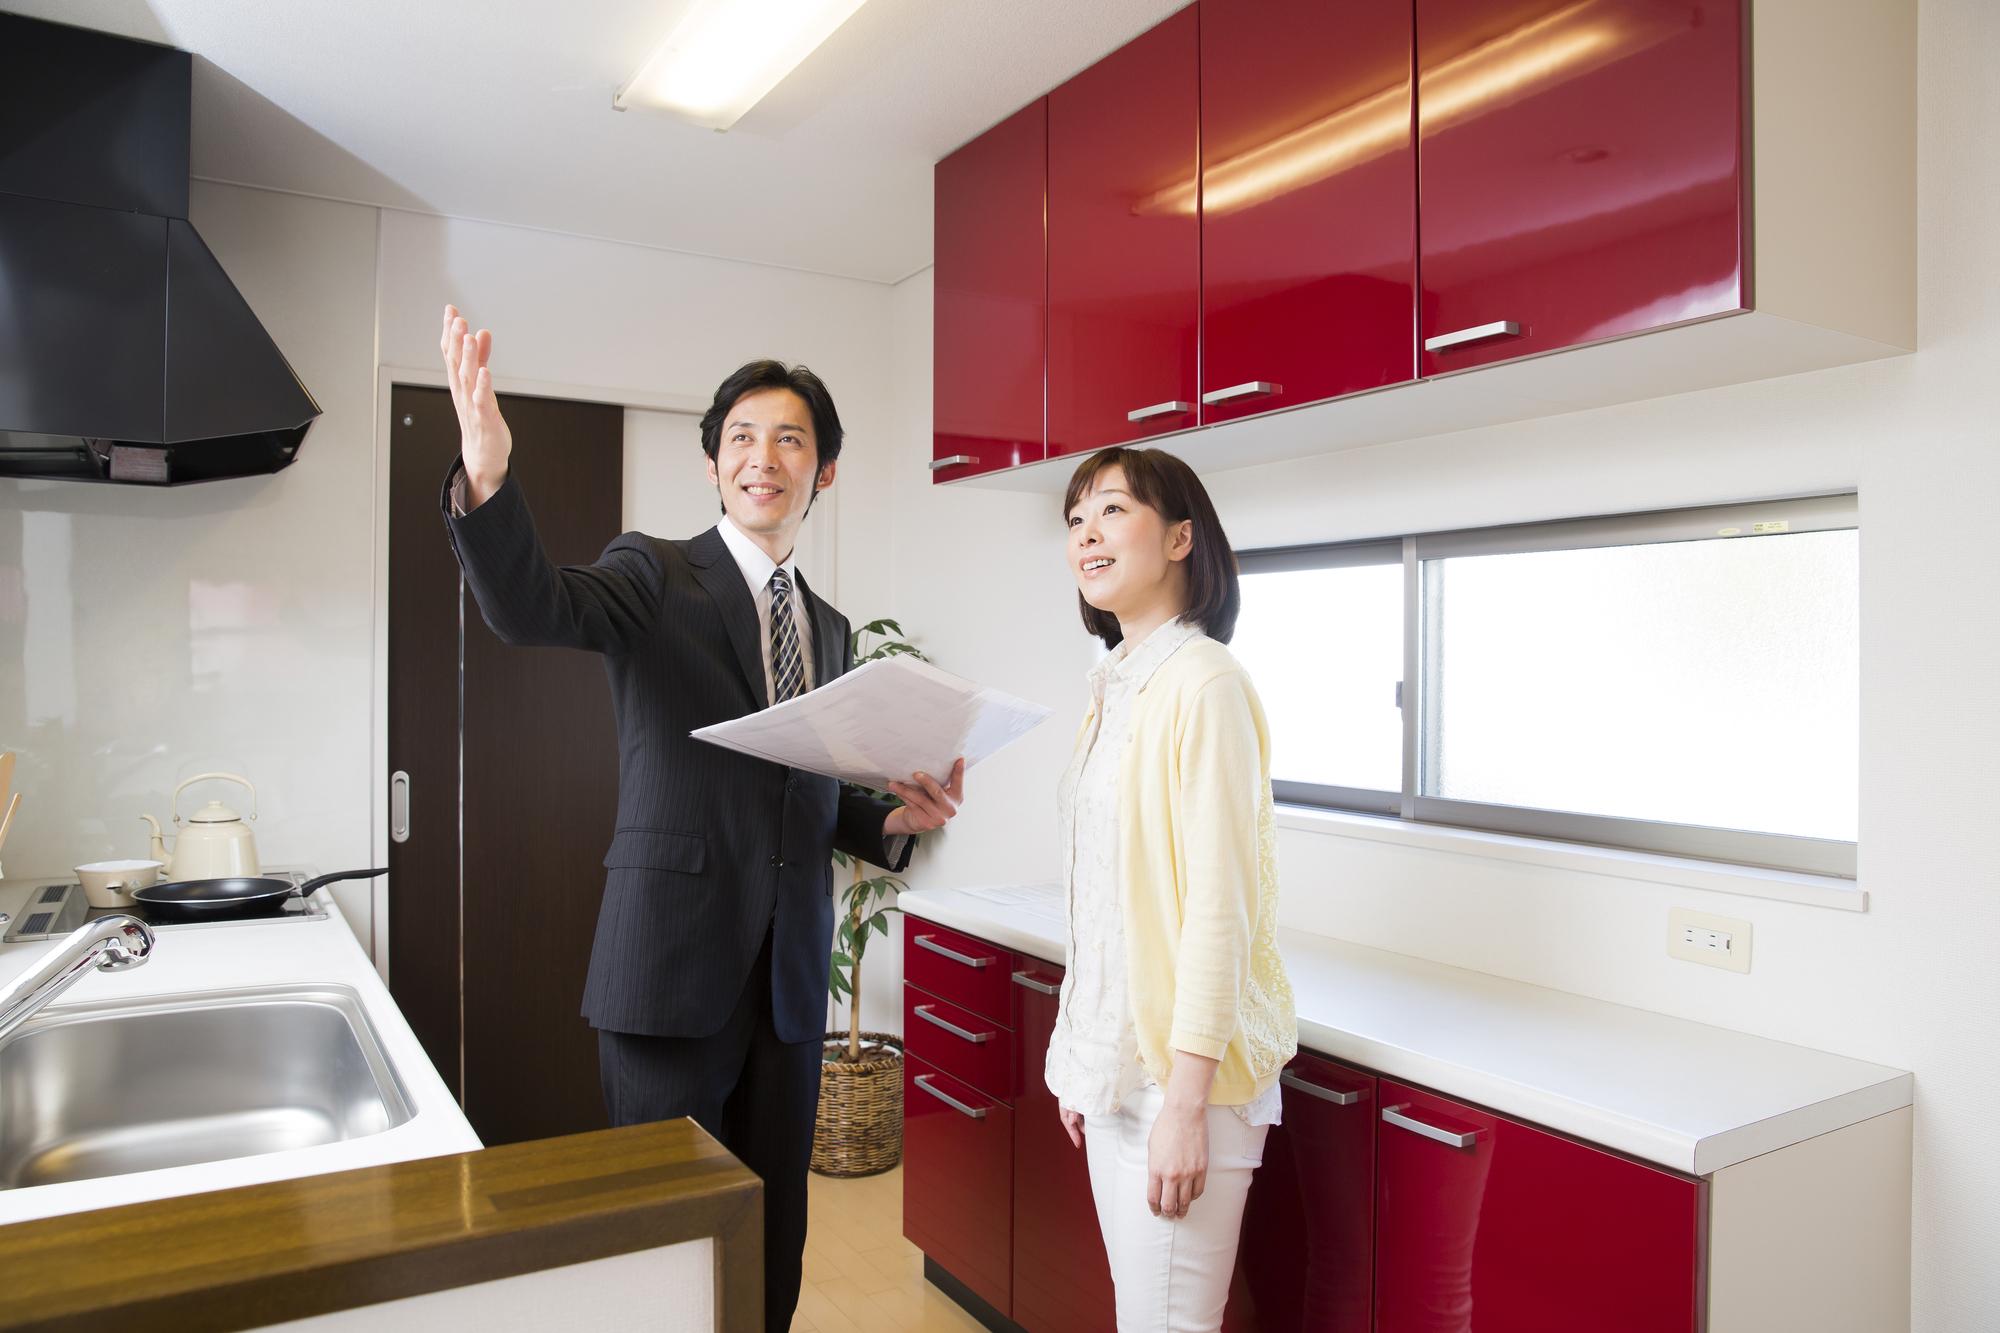 キッチンでビジネスマンに説明をうける女性